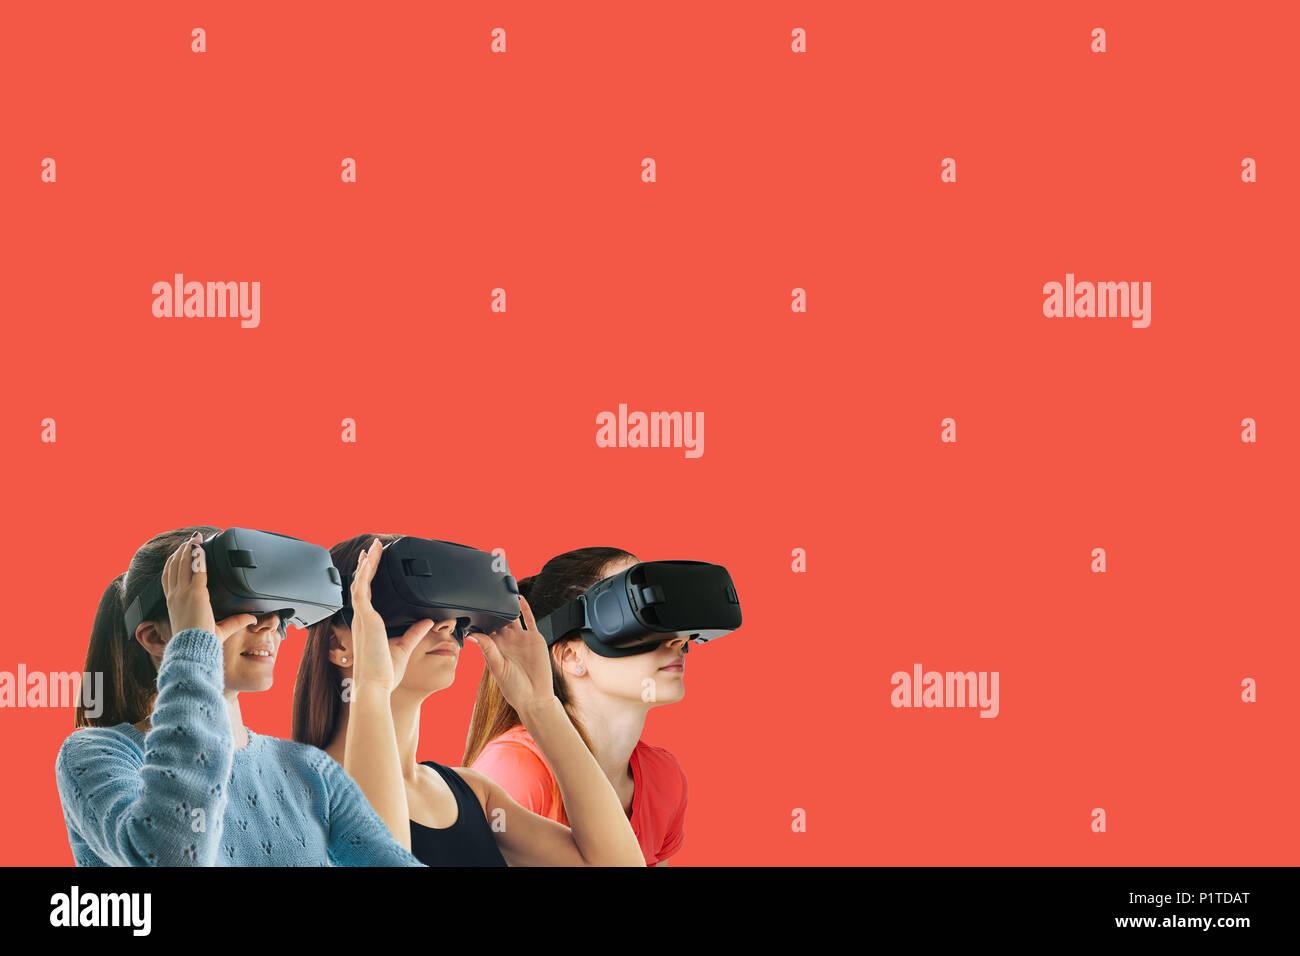 Junge schöne Mädchen in der virtuellen Realität Gläser. Das Konzept der modernen Technologien und Technologien der Zukunft. VR-Brille Stockbild